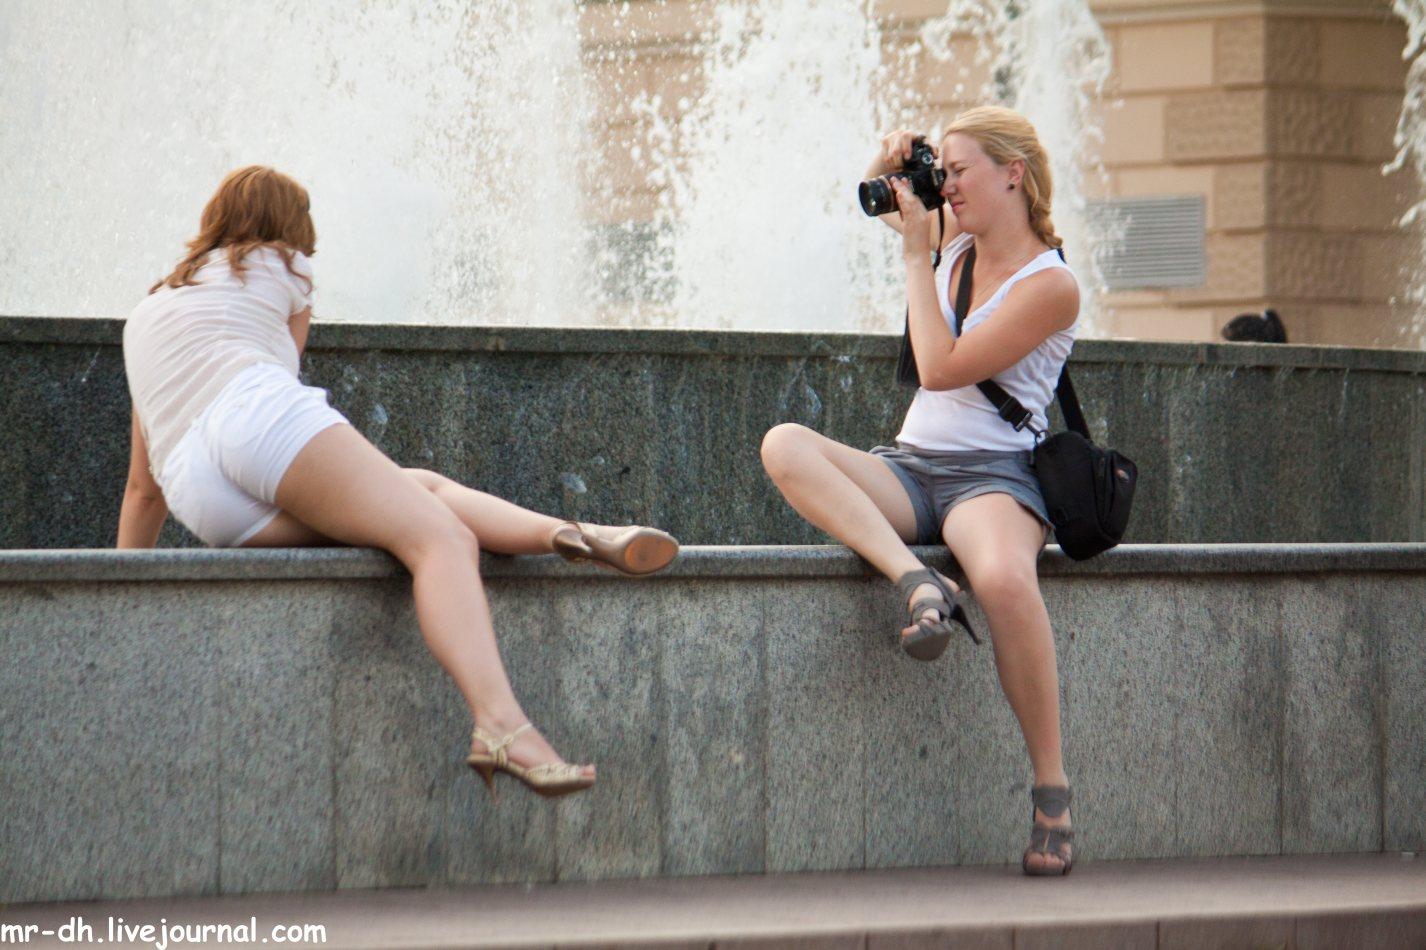 Решил снять девчонку 6 фотография